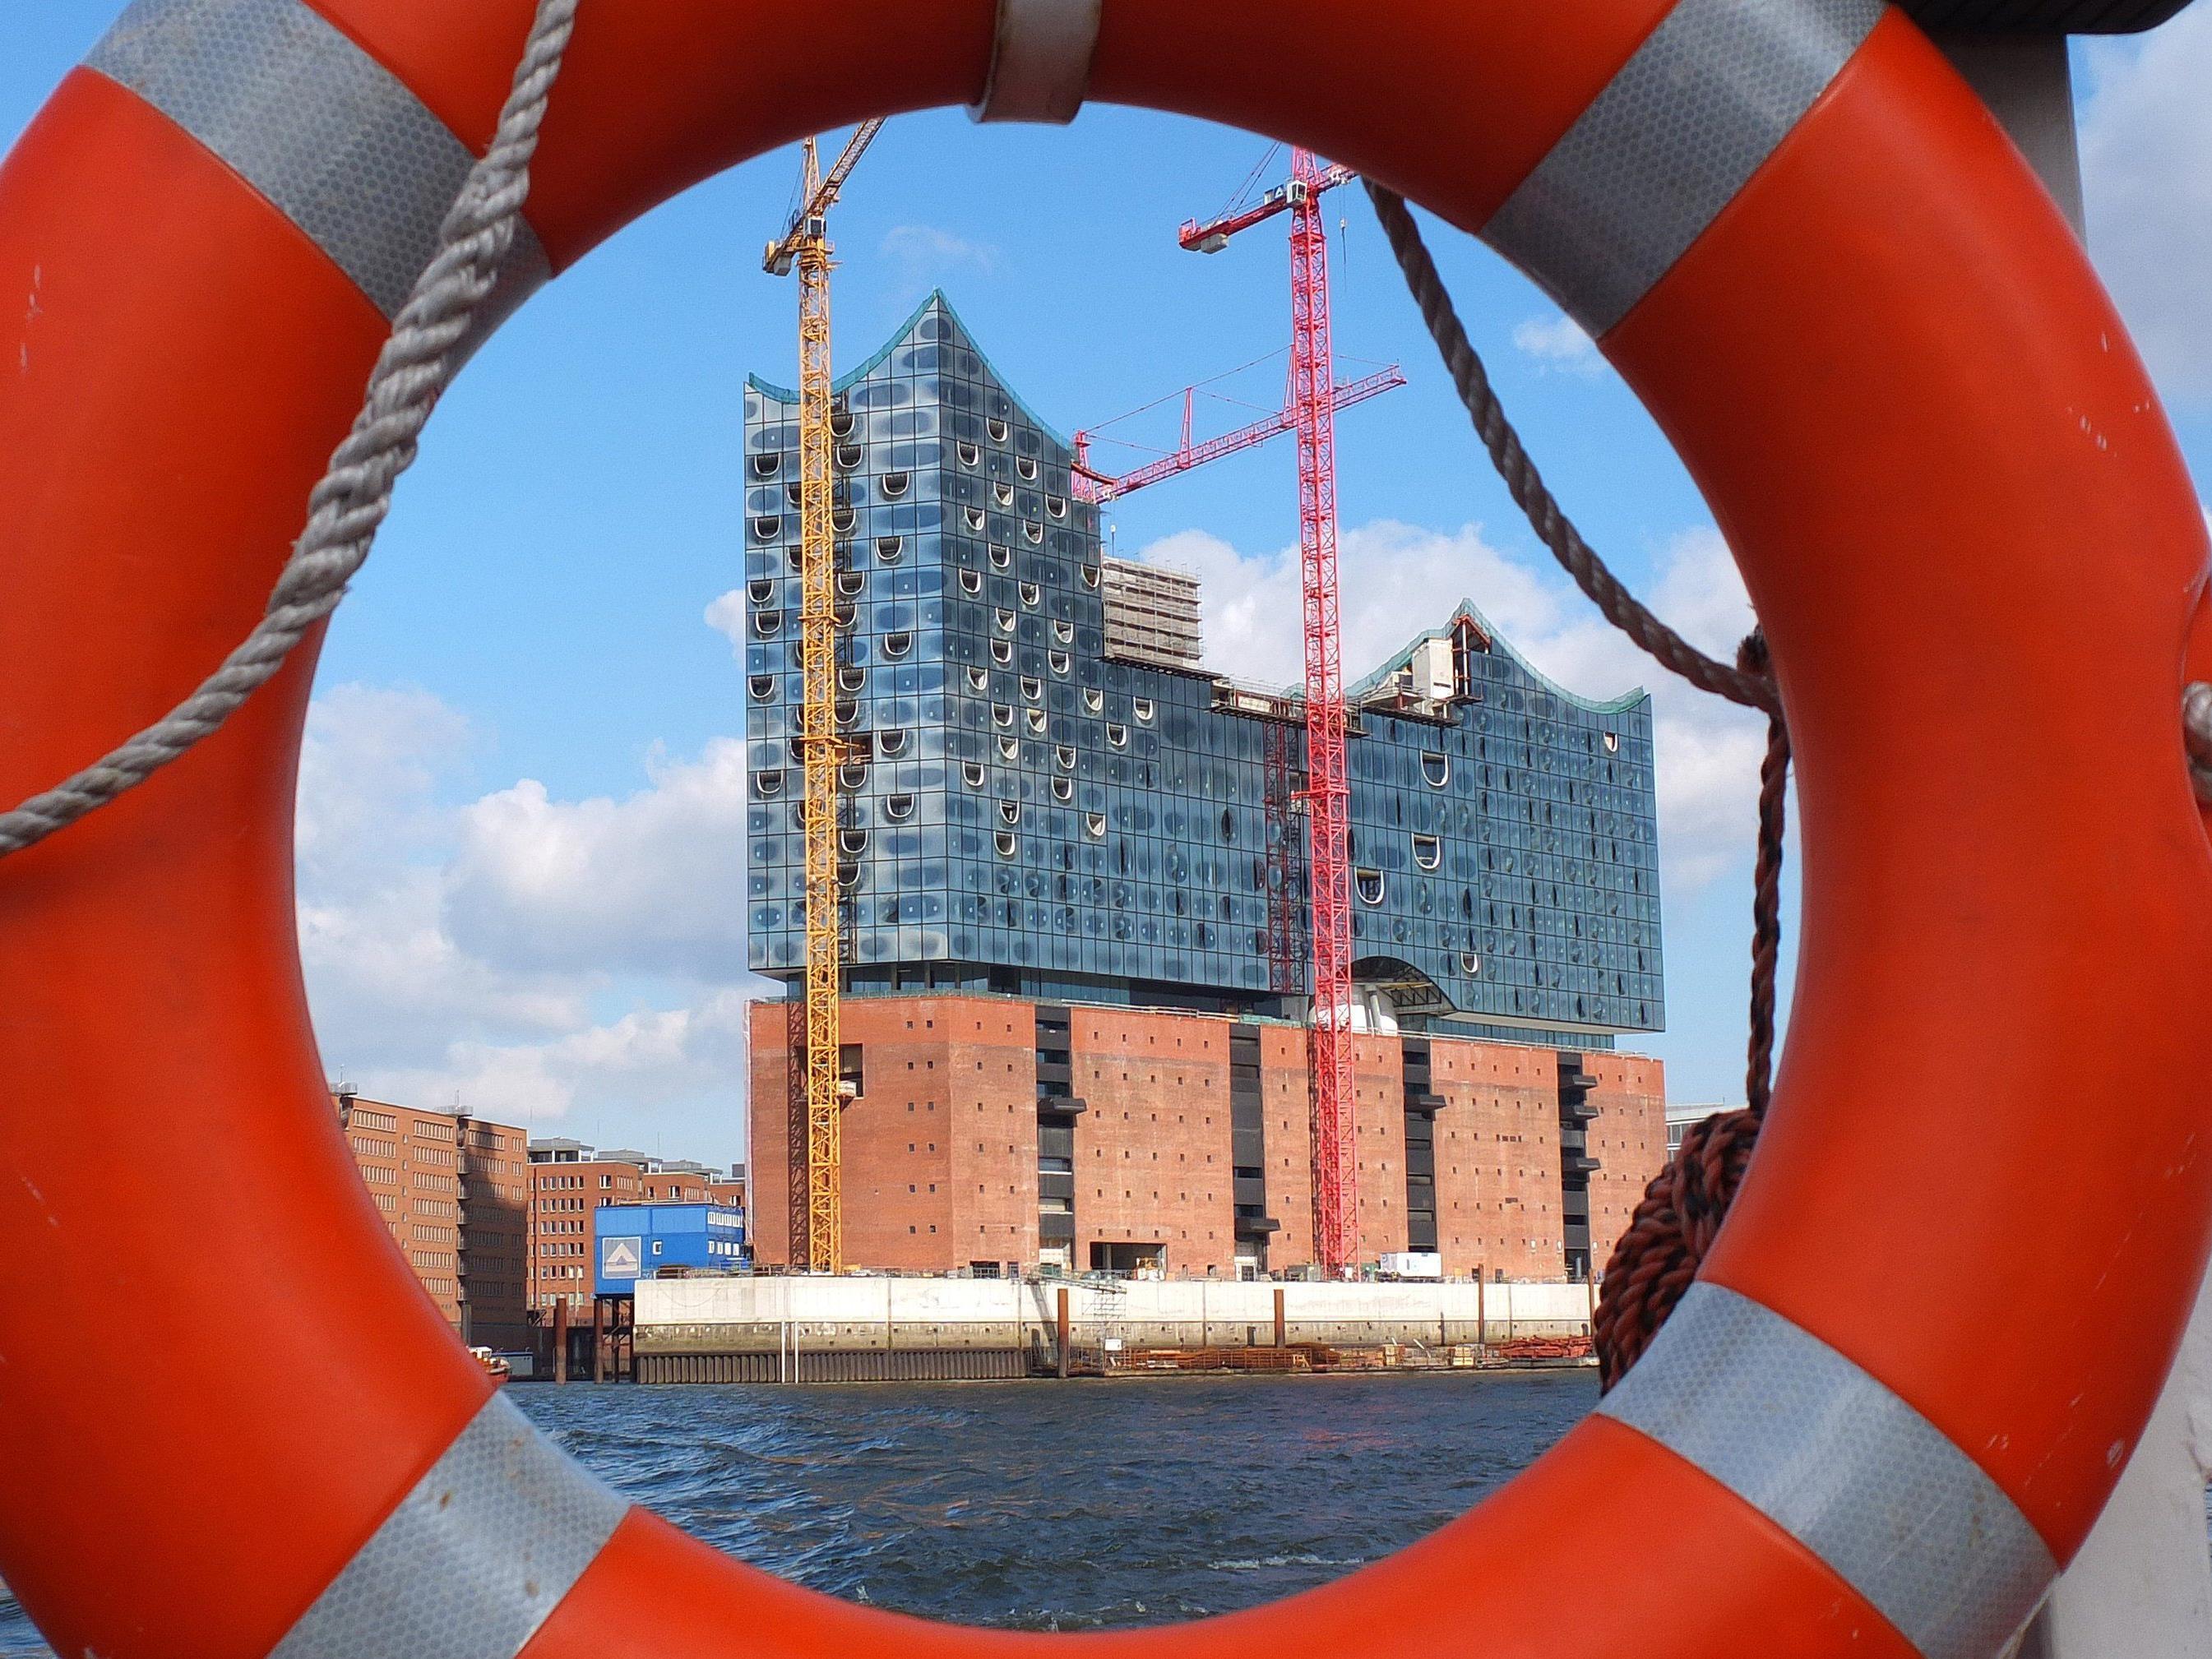 Baubeginn der Hamburger Elbphilharmonie war bereits im Jahr 2007.